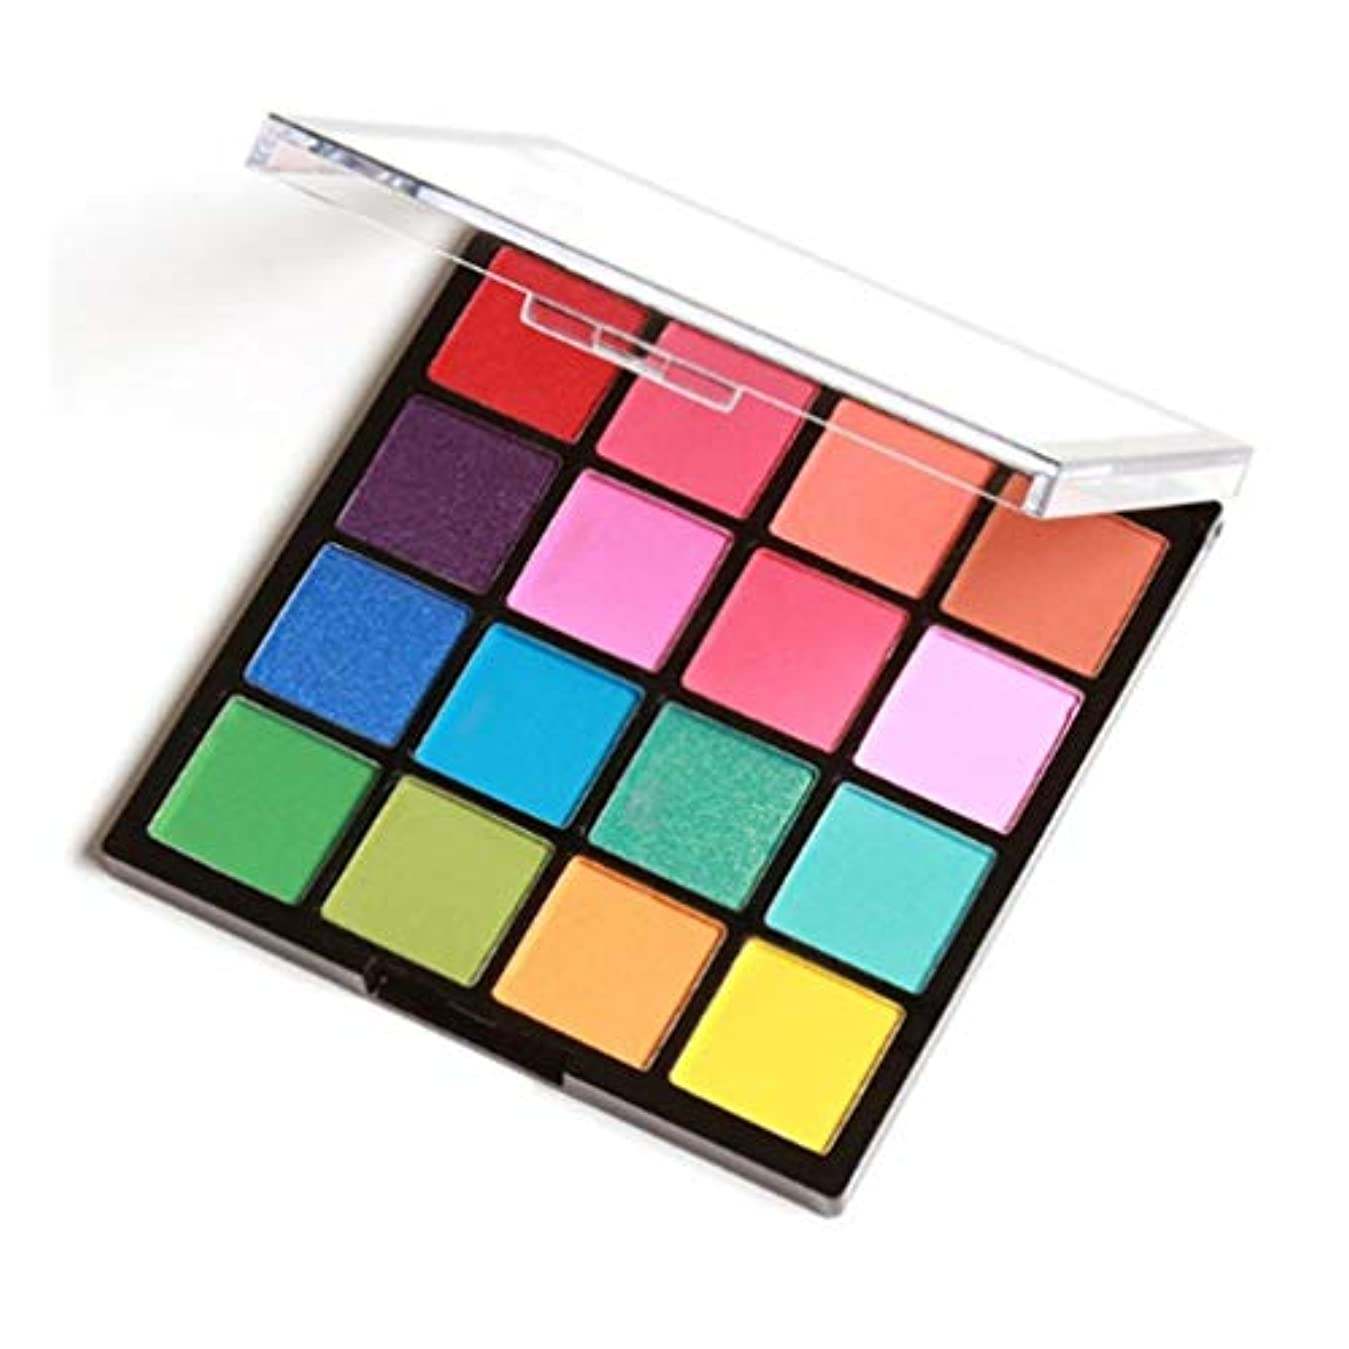 のぞき見プロポーショナルコンピューター16色/ SET女子プロアイメイクアップ化粧品パウダー防水ロングラスティングスモーキーアイシャドウパレットメイクアップセット